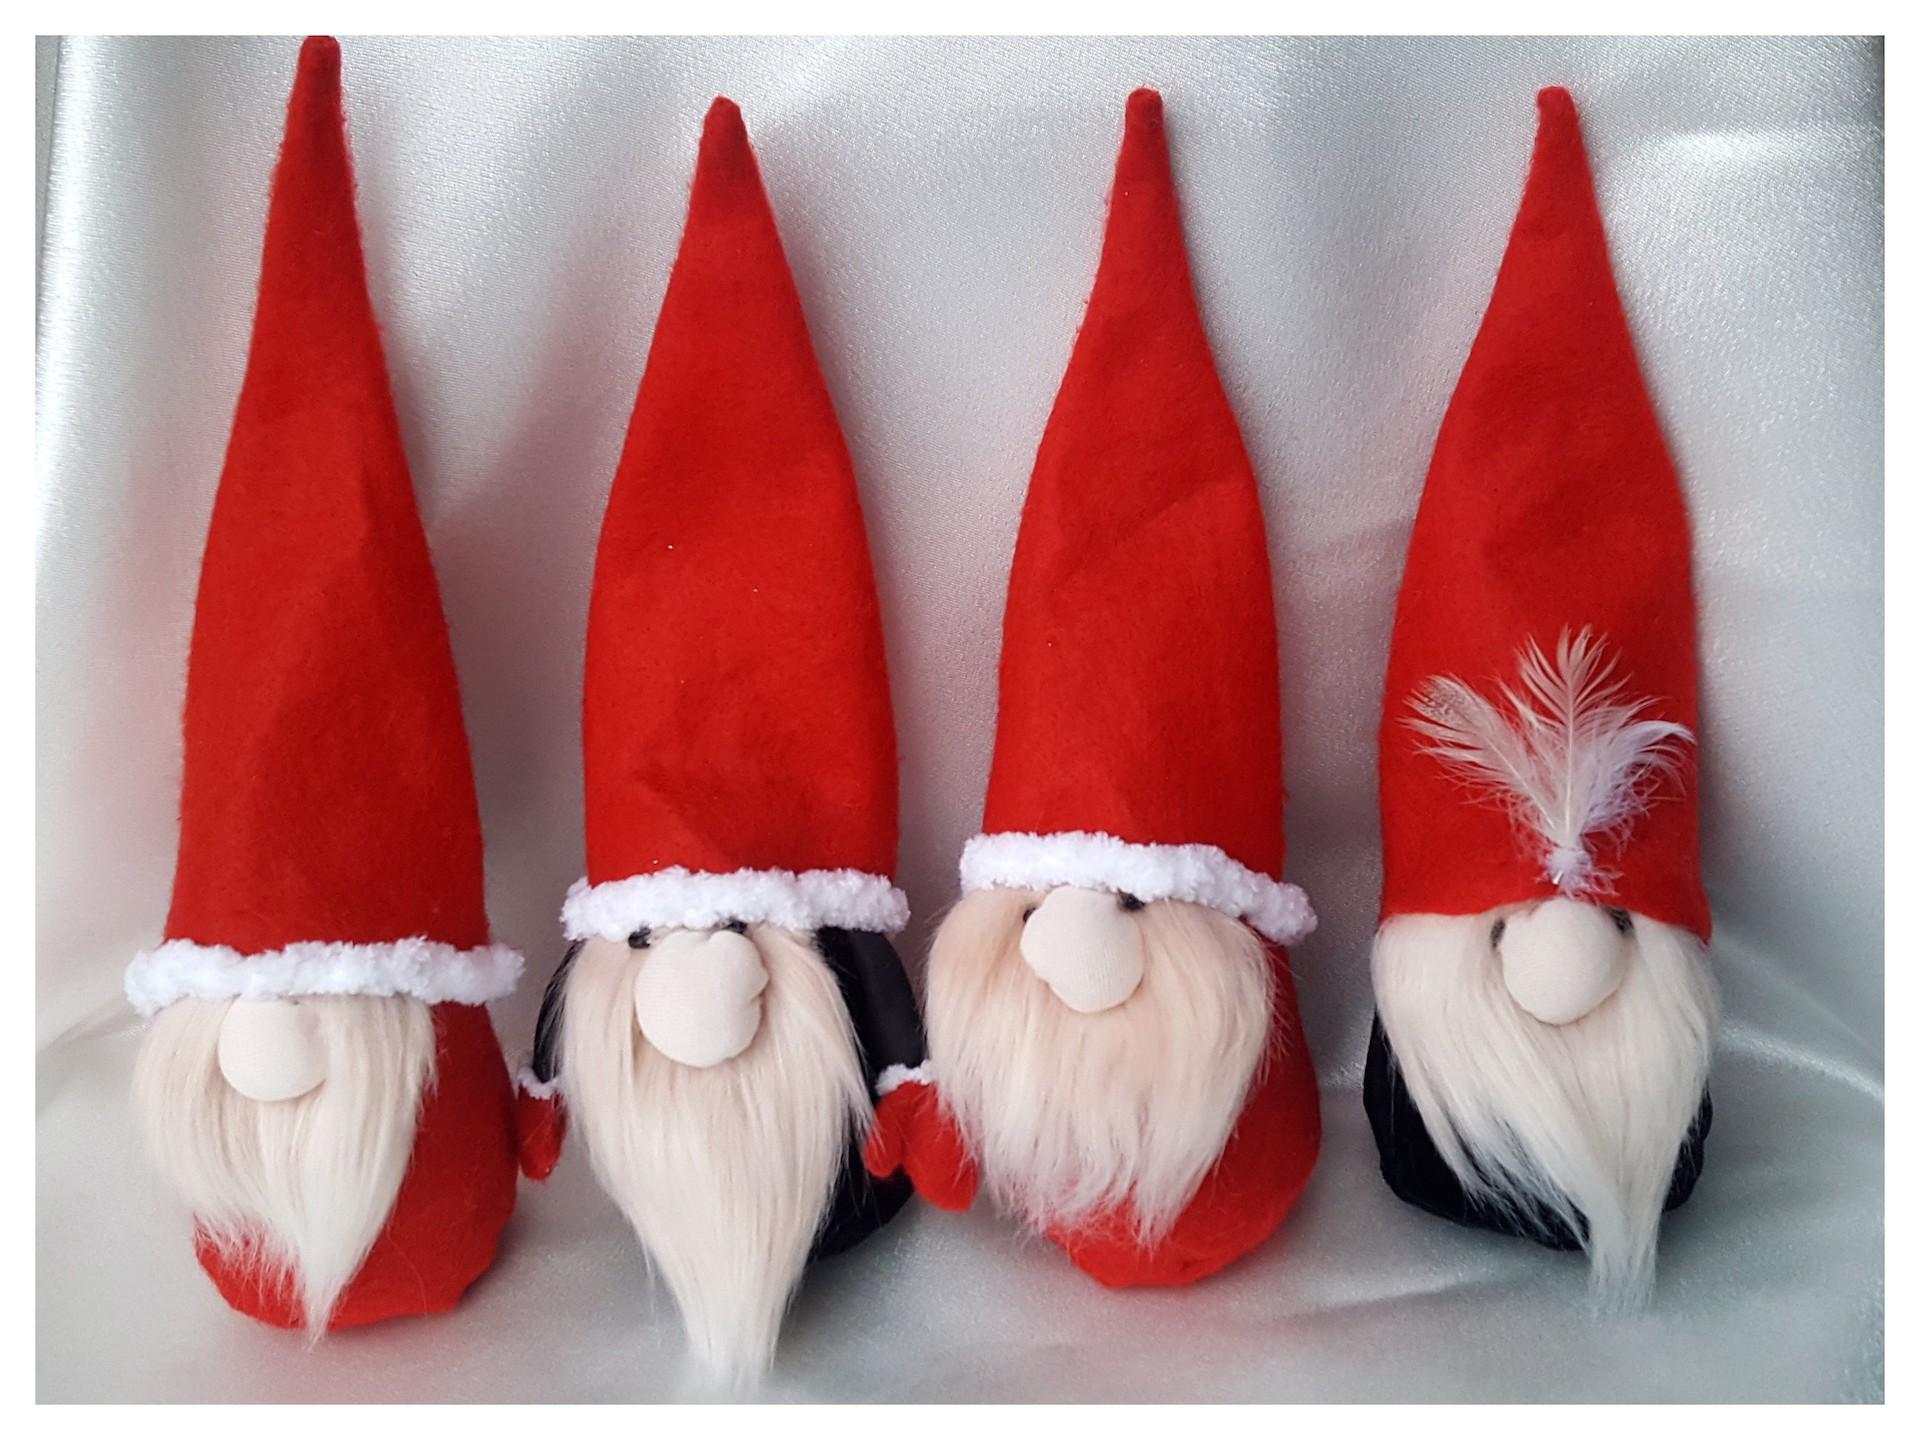 Artėjant Kalėdoms neapsieinama ir be šventinių dekoracijų kūrimo. Mieli nykštukai privers nusišypsoti kiekvieną. / Asmeninio archyvo nuotr.